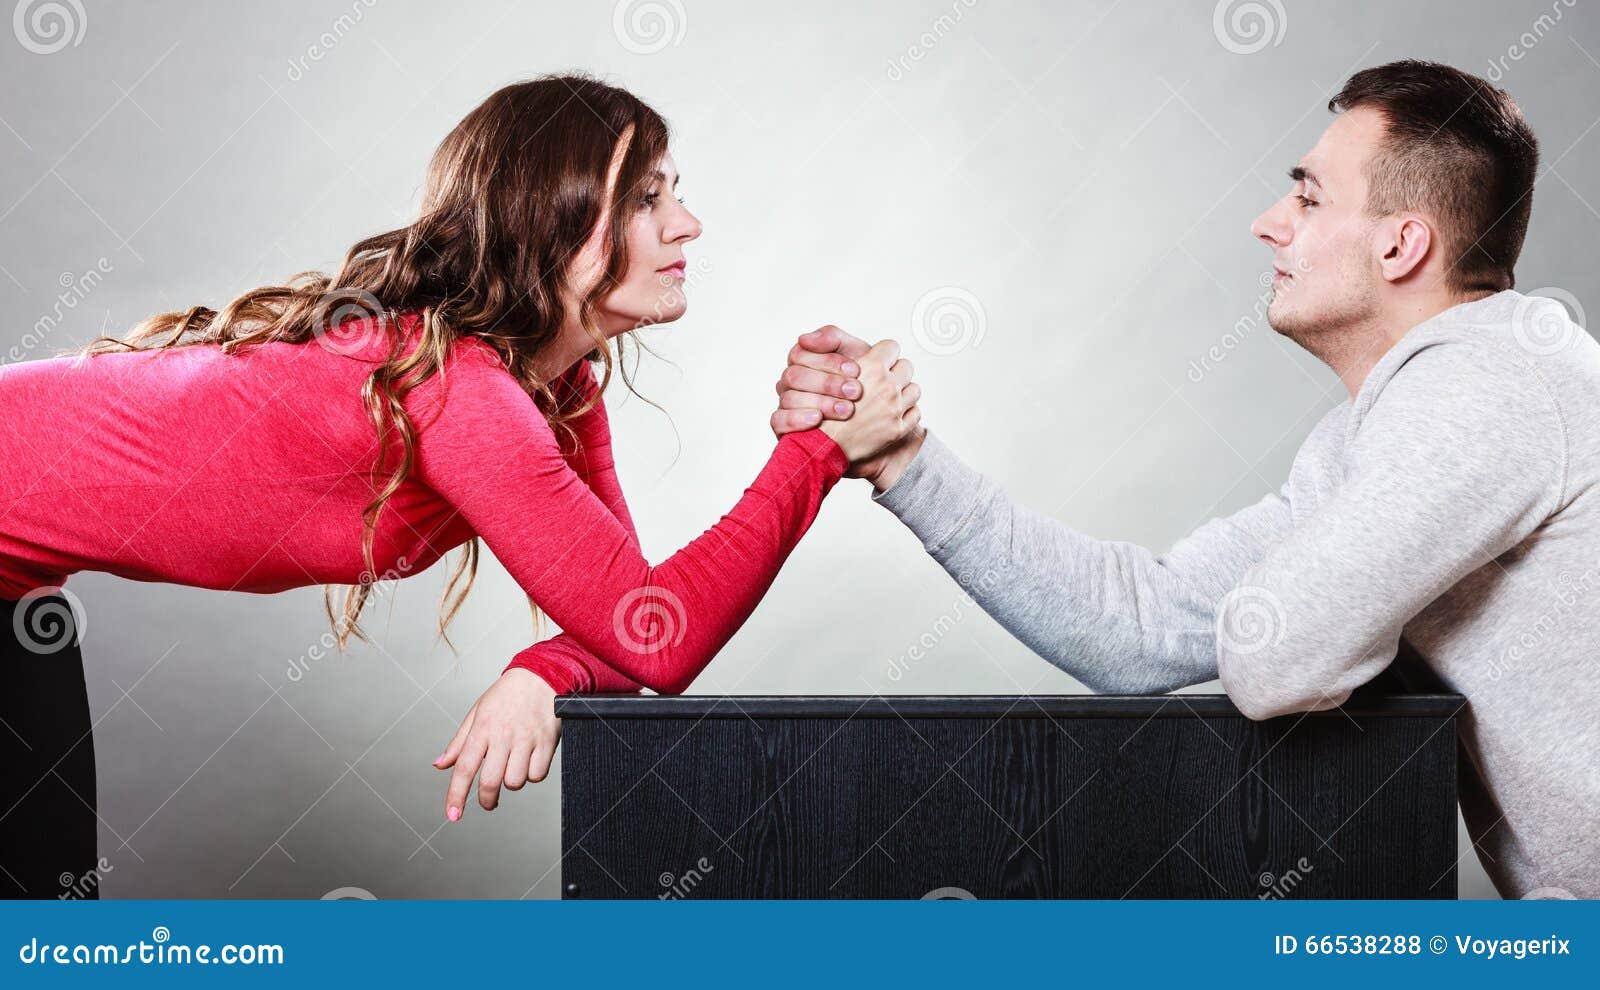 Возможность армрестлинга между молодыми парами